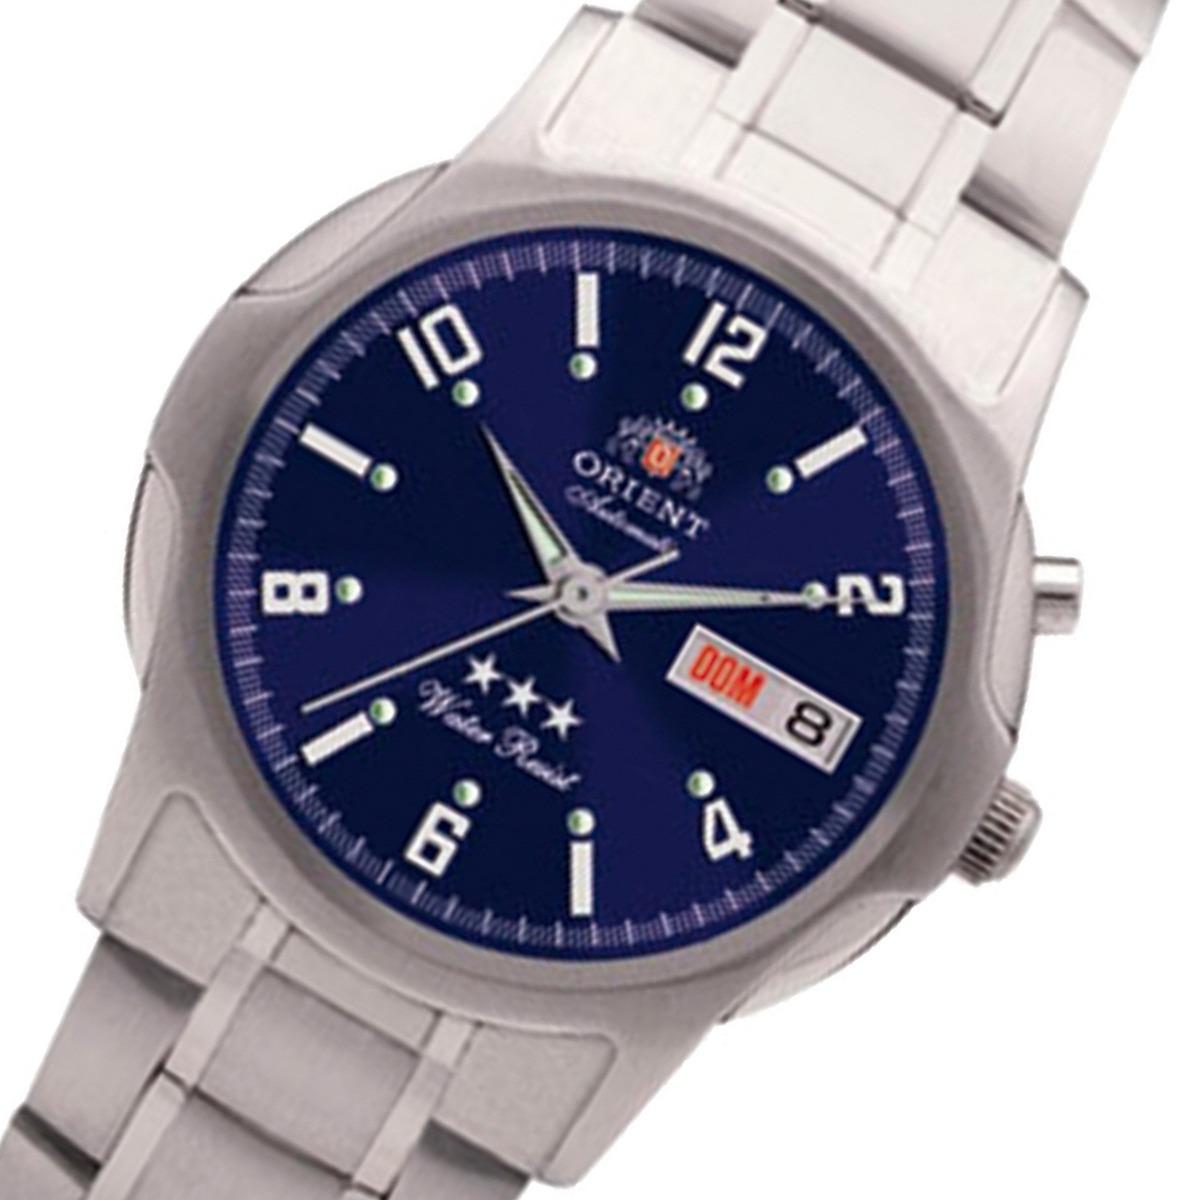 8ec520f478c relógio orient automático aço masculino 469ss007 d2sx. Carregando zoom.